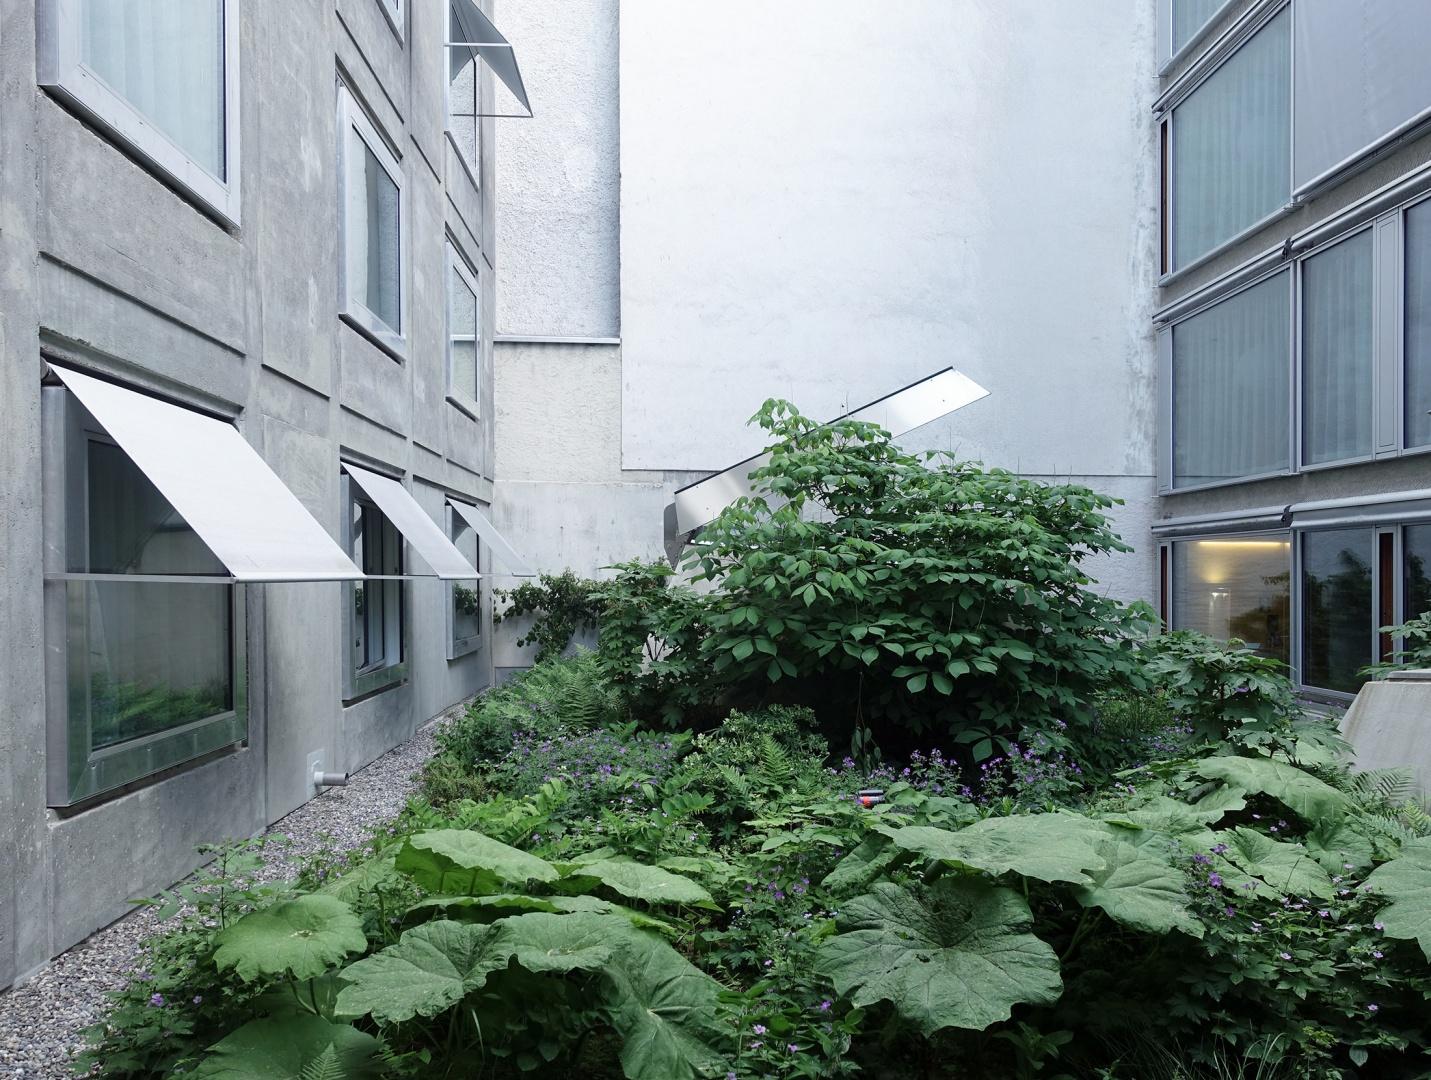 Hotel Nomad Hof mit Garten © Buchner Bründler